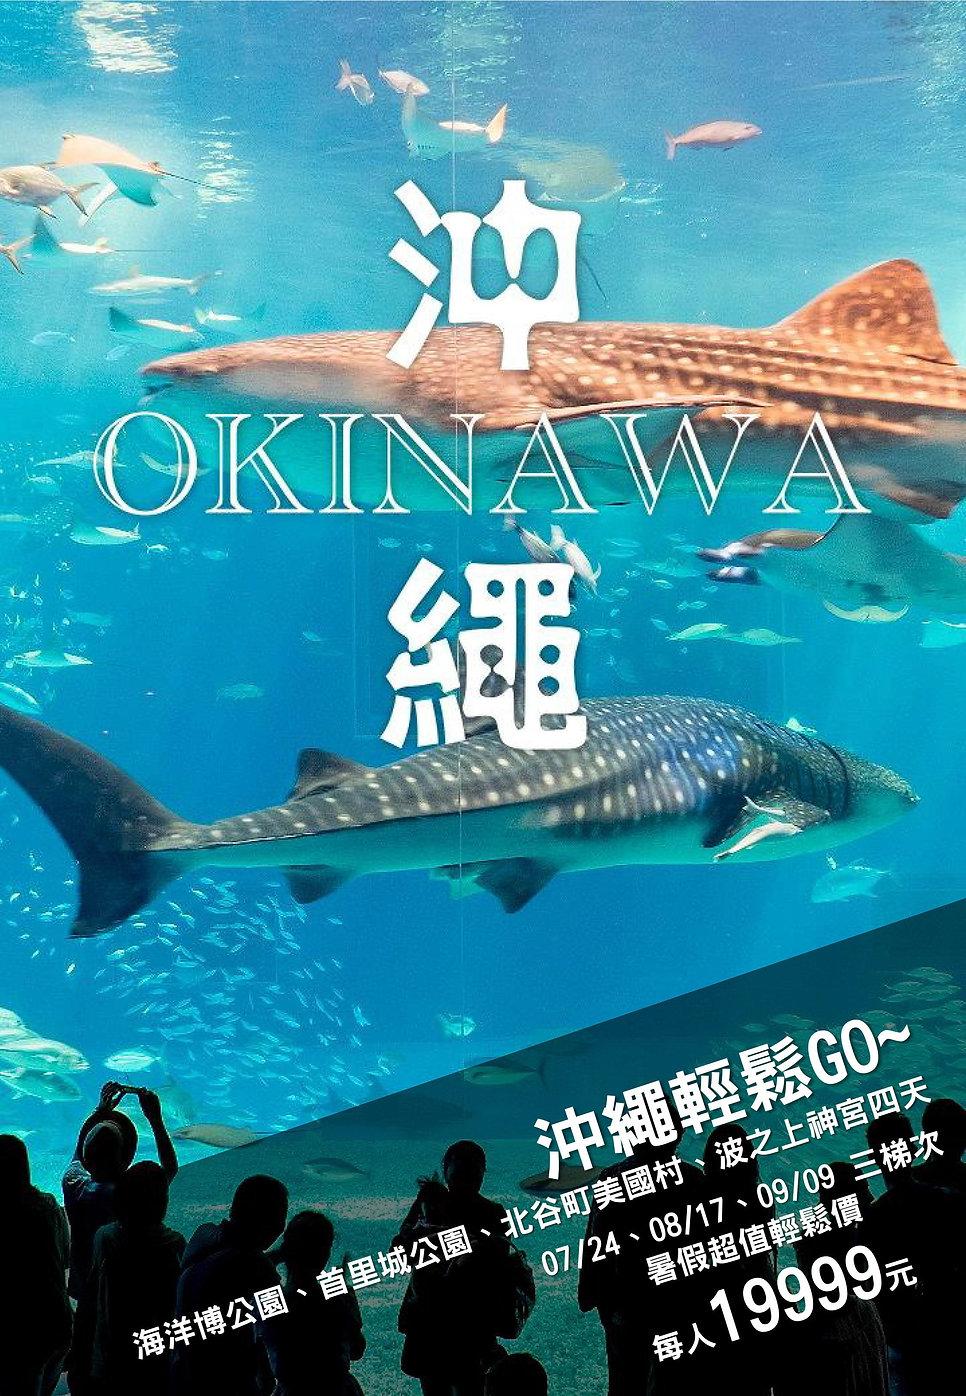 沖繩輕鬆GO_1.jpg